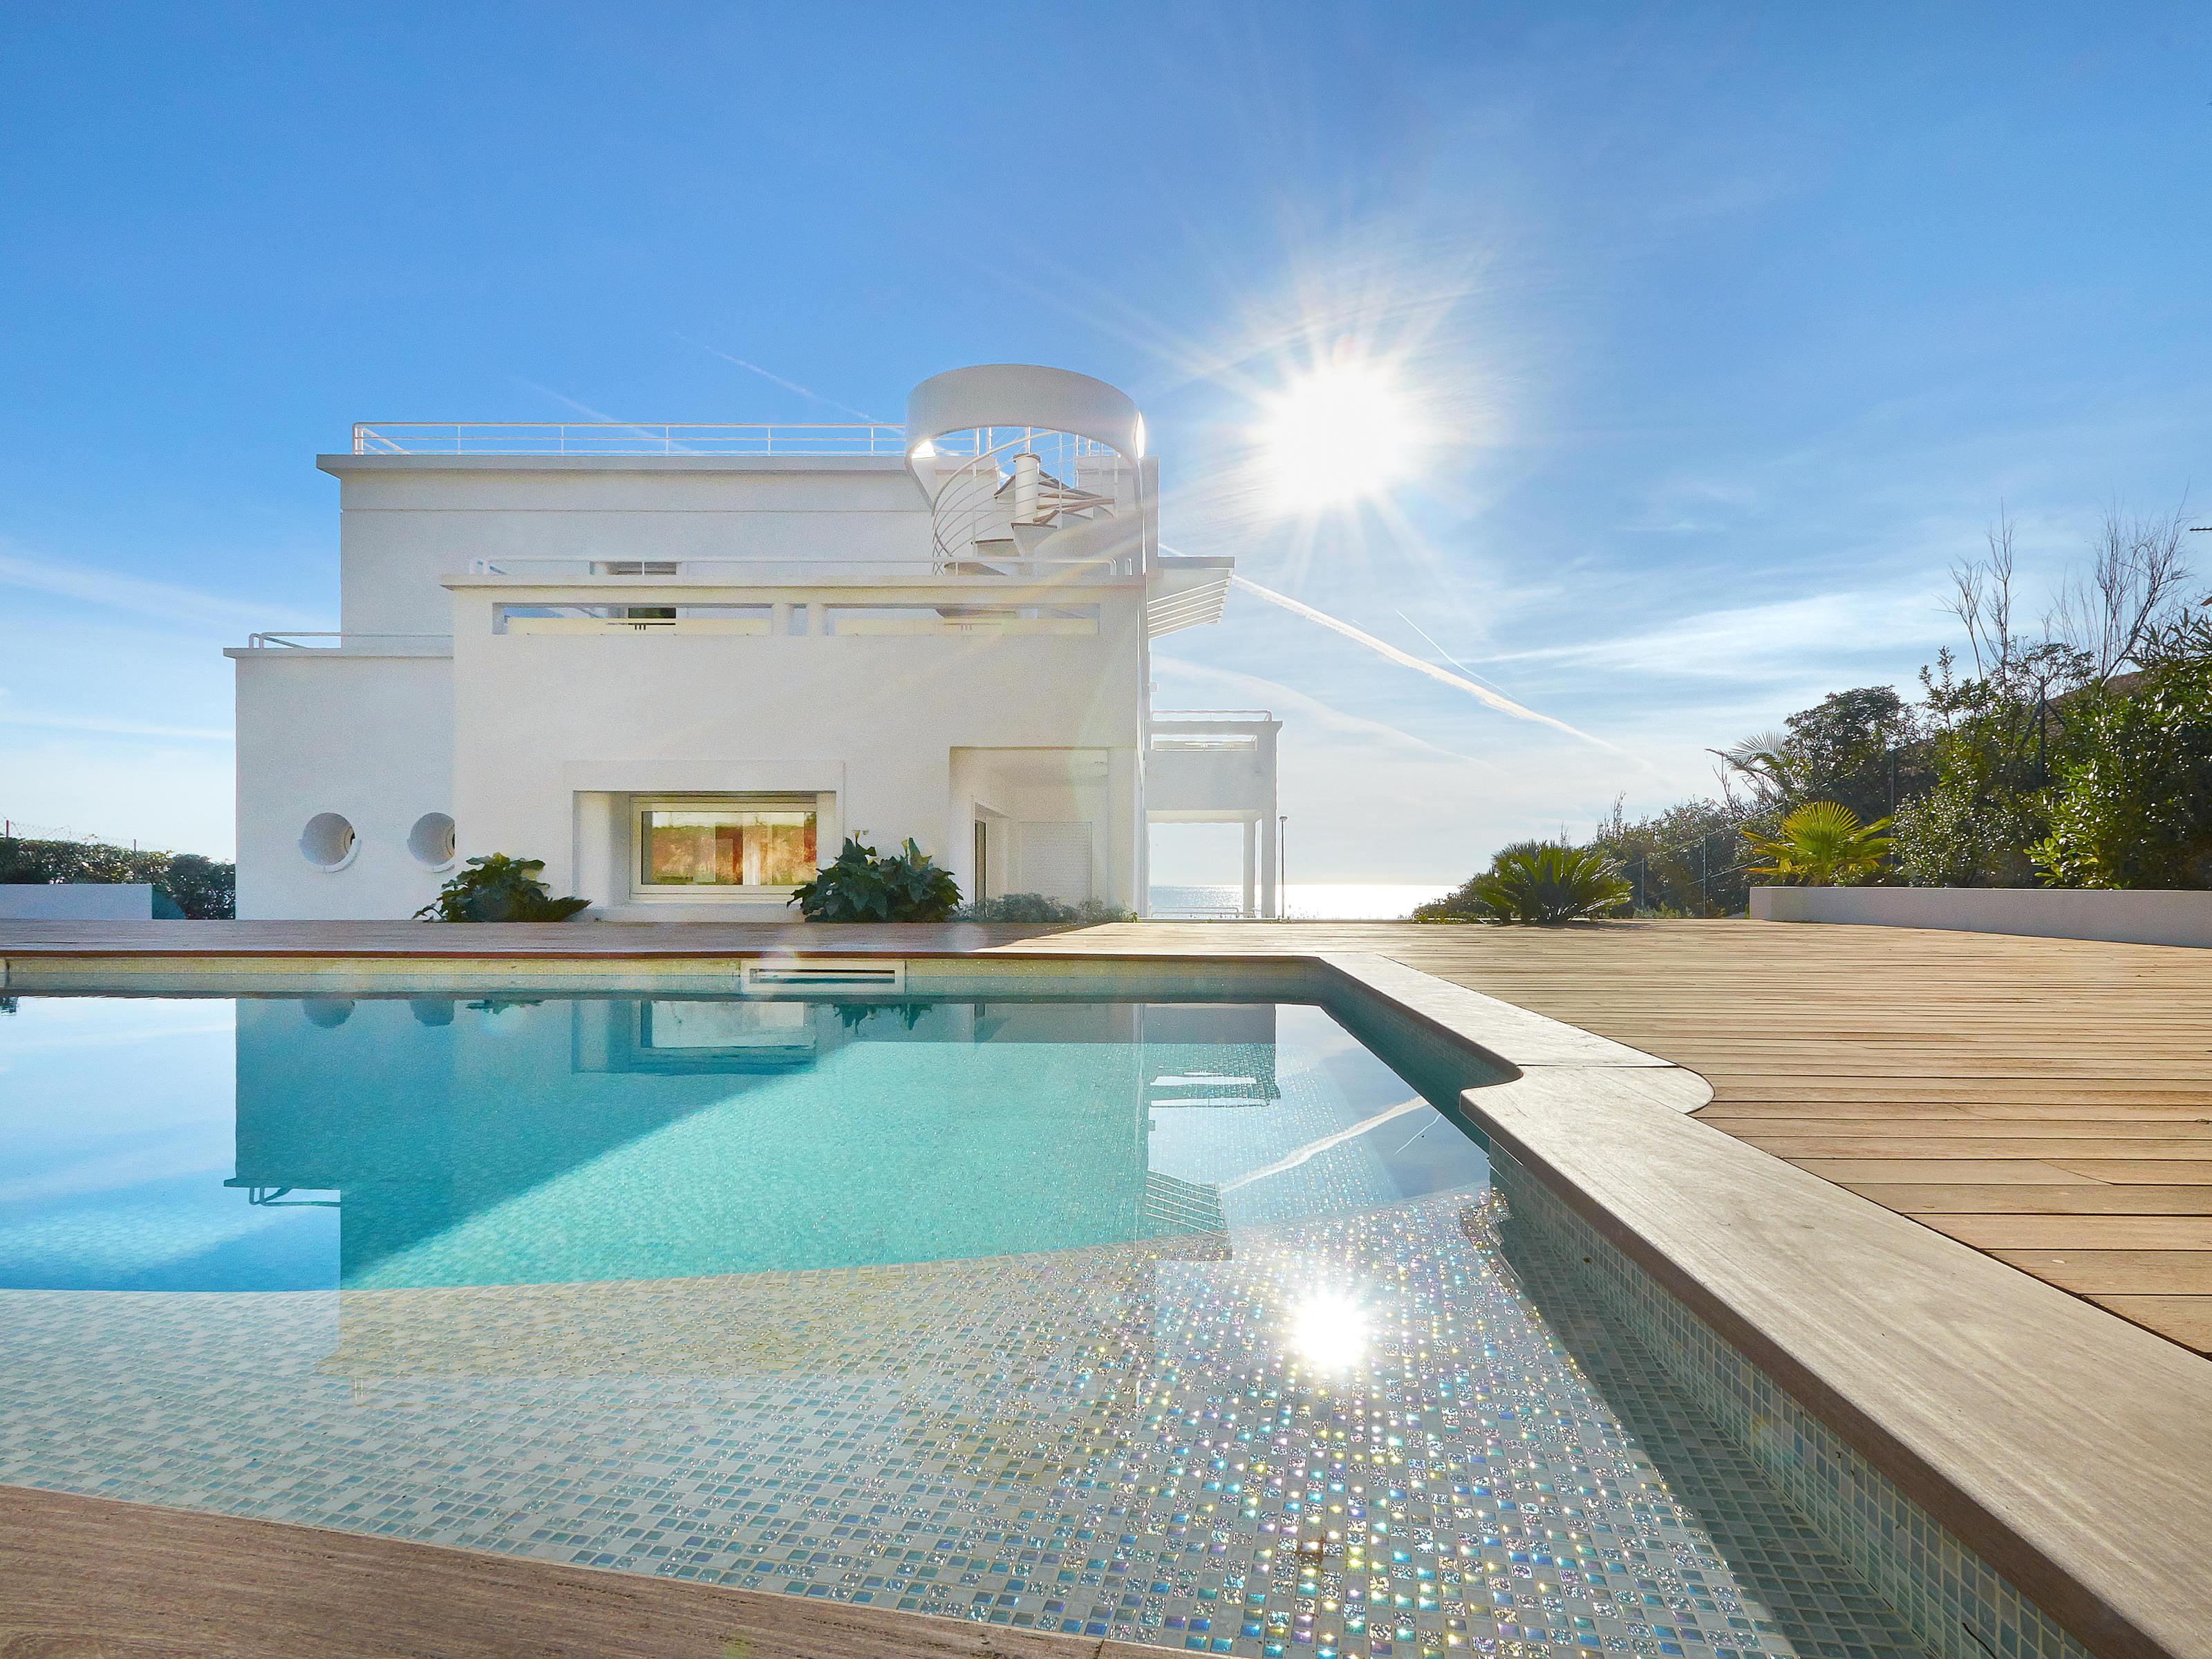 Maison unifamiliale pour l Vente à One of a kind Art Deco estate with private beach. Cap D'Antibes, Provence-Alpes-Cote D'Azur 06160 France